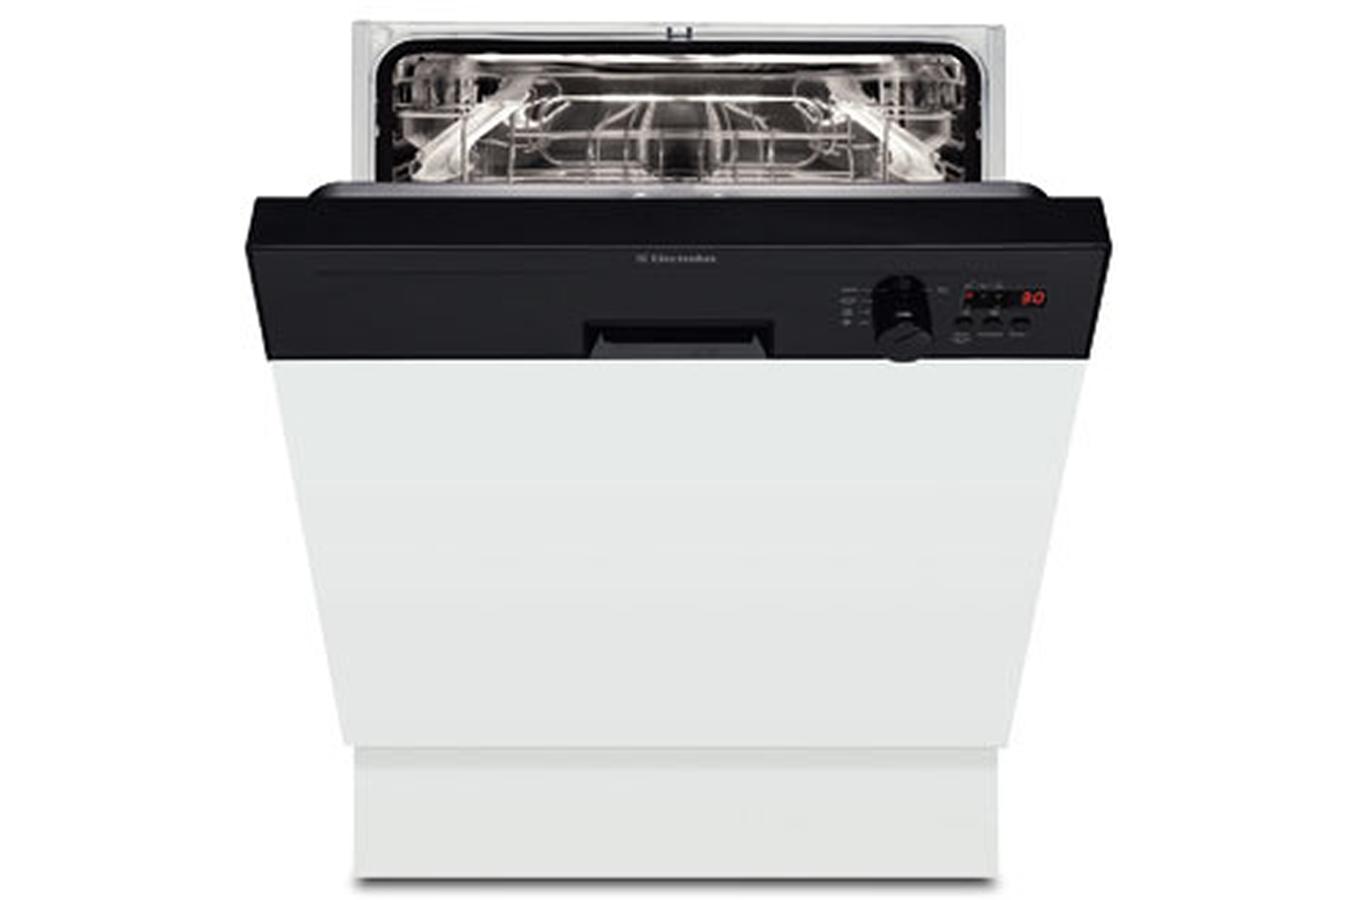 Lave vaisselle encastrable electrolux esi 64060 k noir - Lave vaisselle noir brillant ...